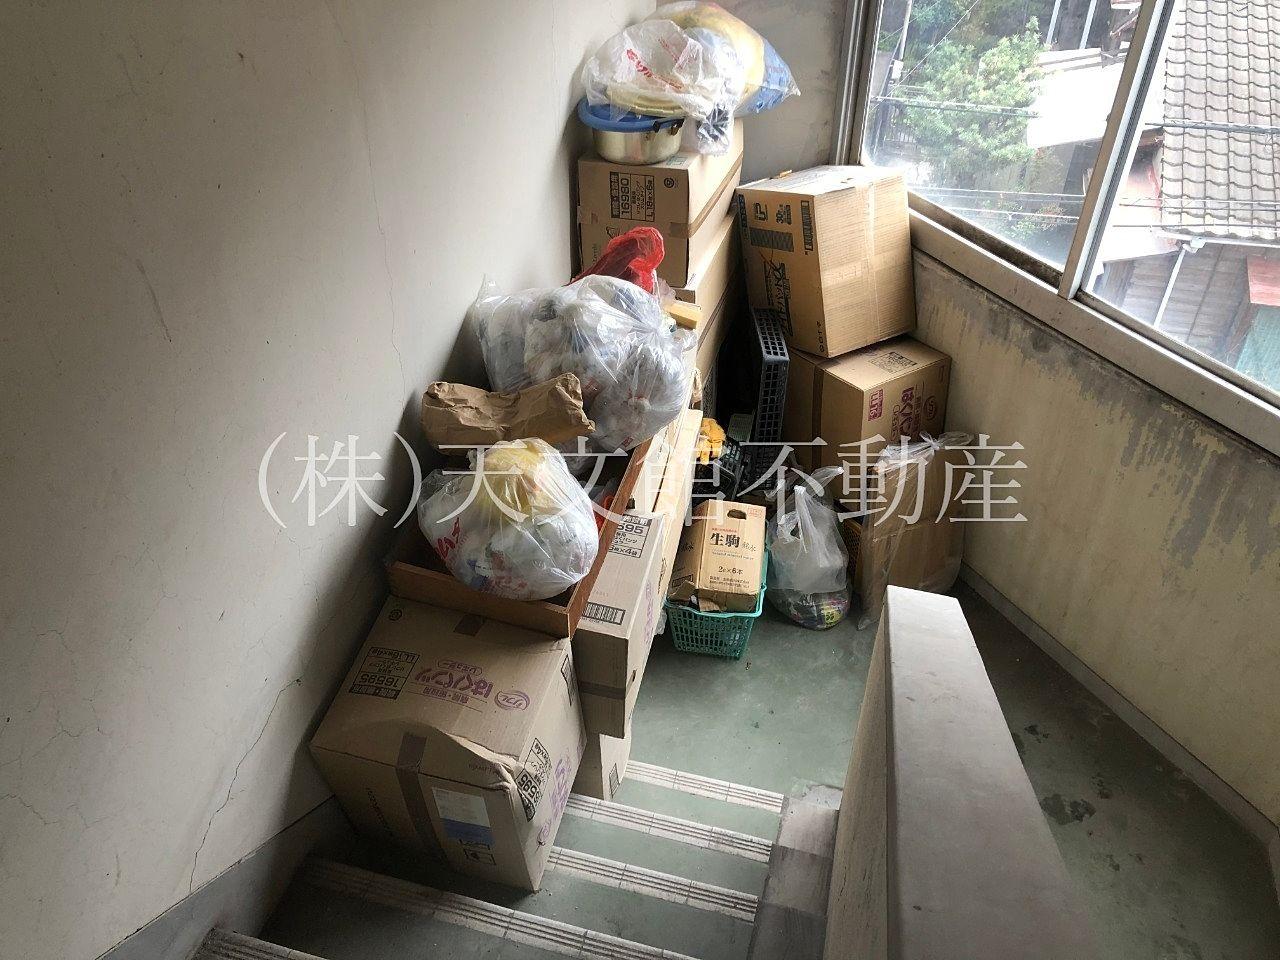 来月から管理予定の建物の共用階段